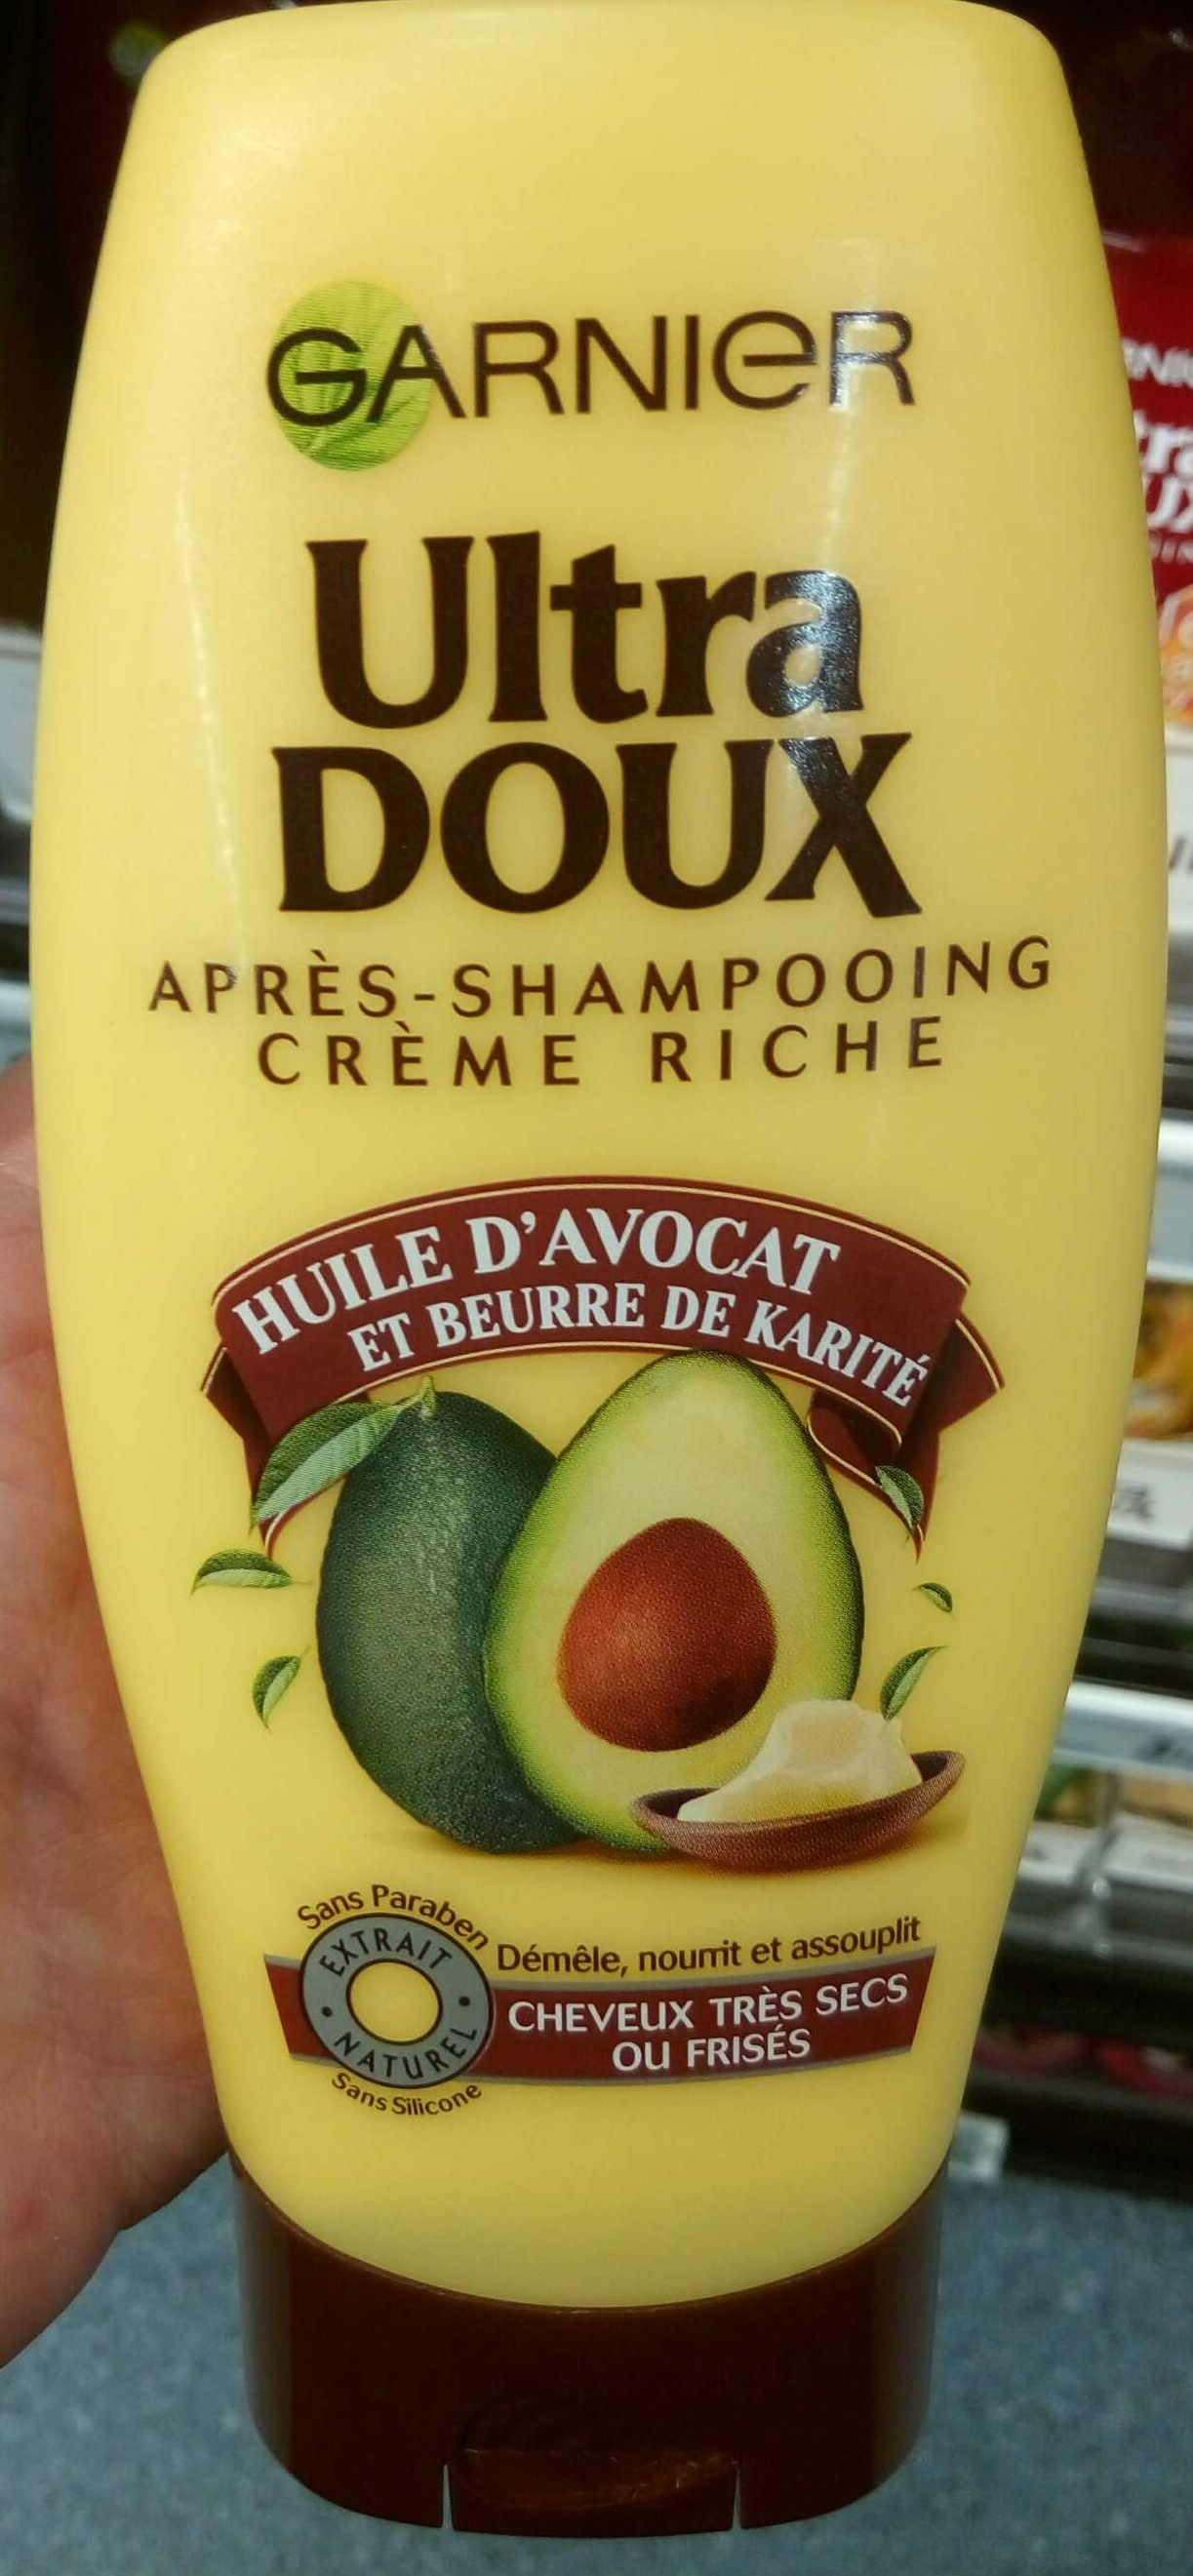 Ultra Doux Après-shampooing Crème Riche Huile d'avocat et Beurre de Karité - Product - fr